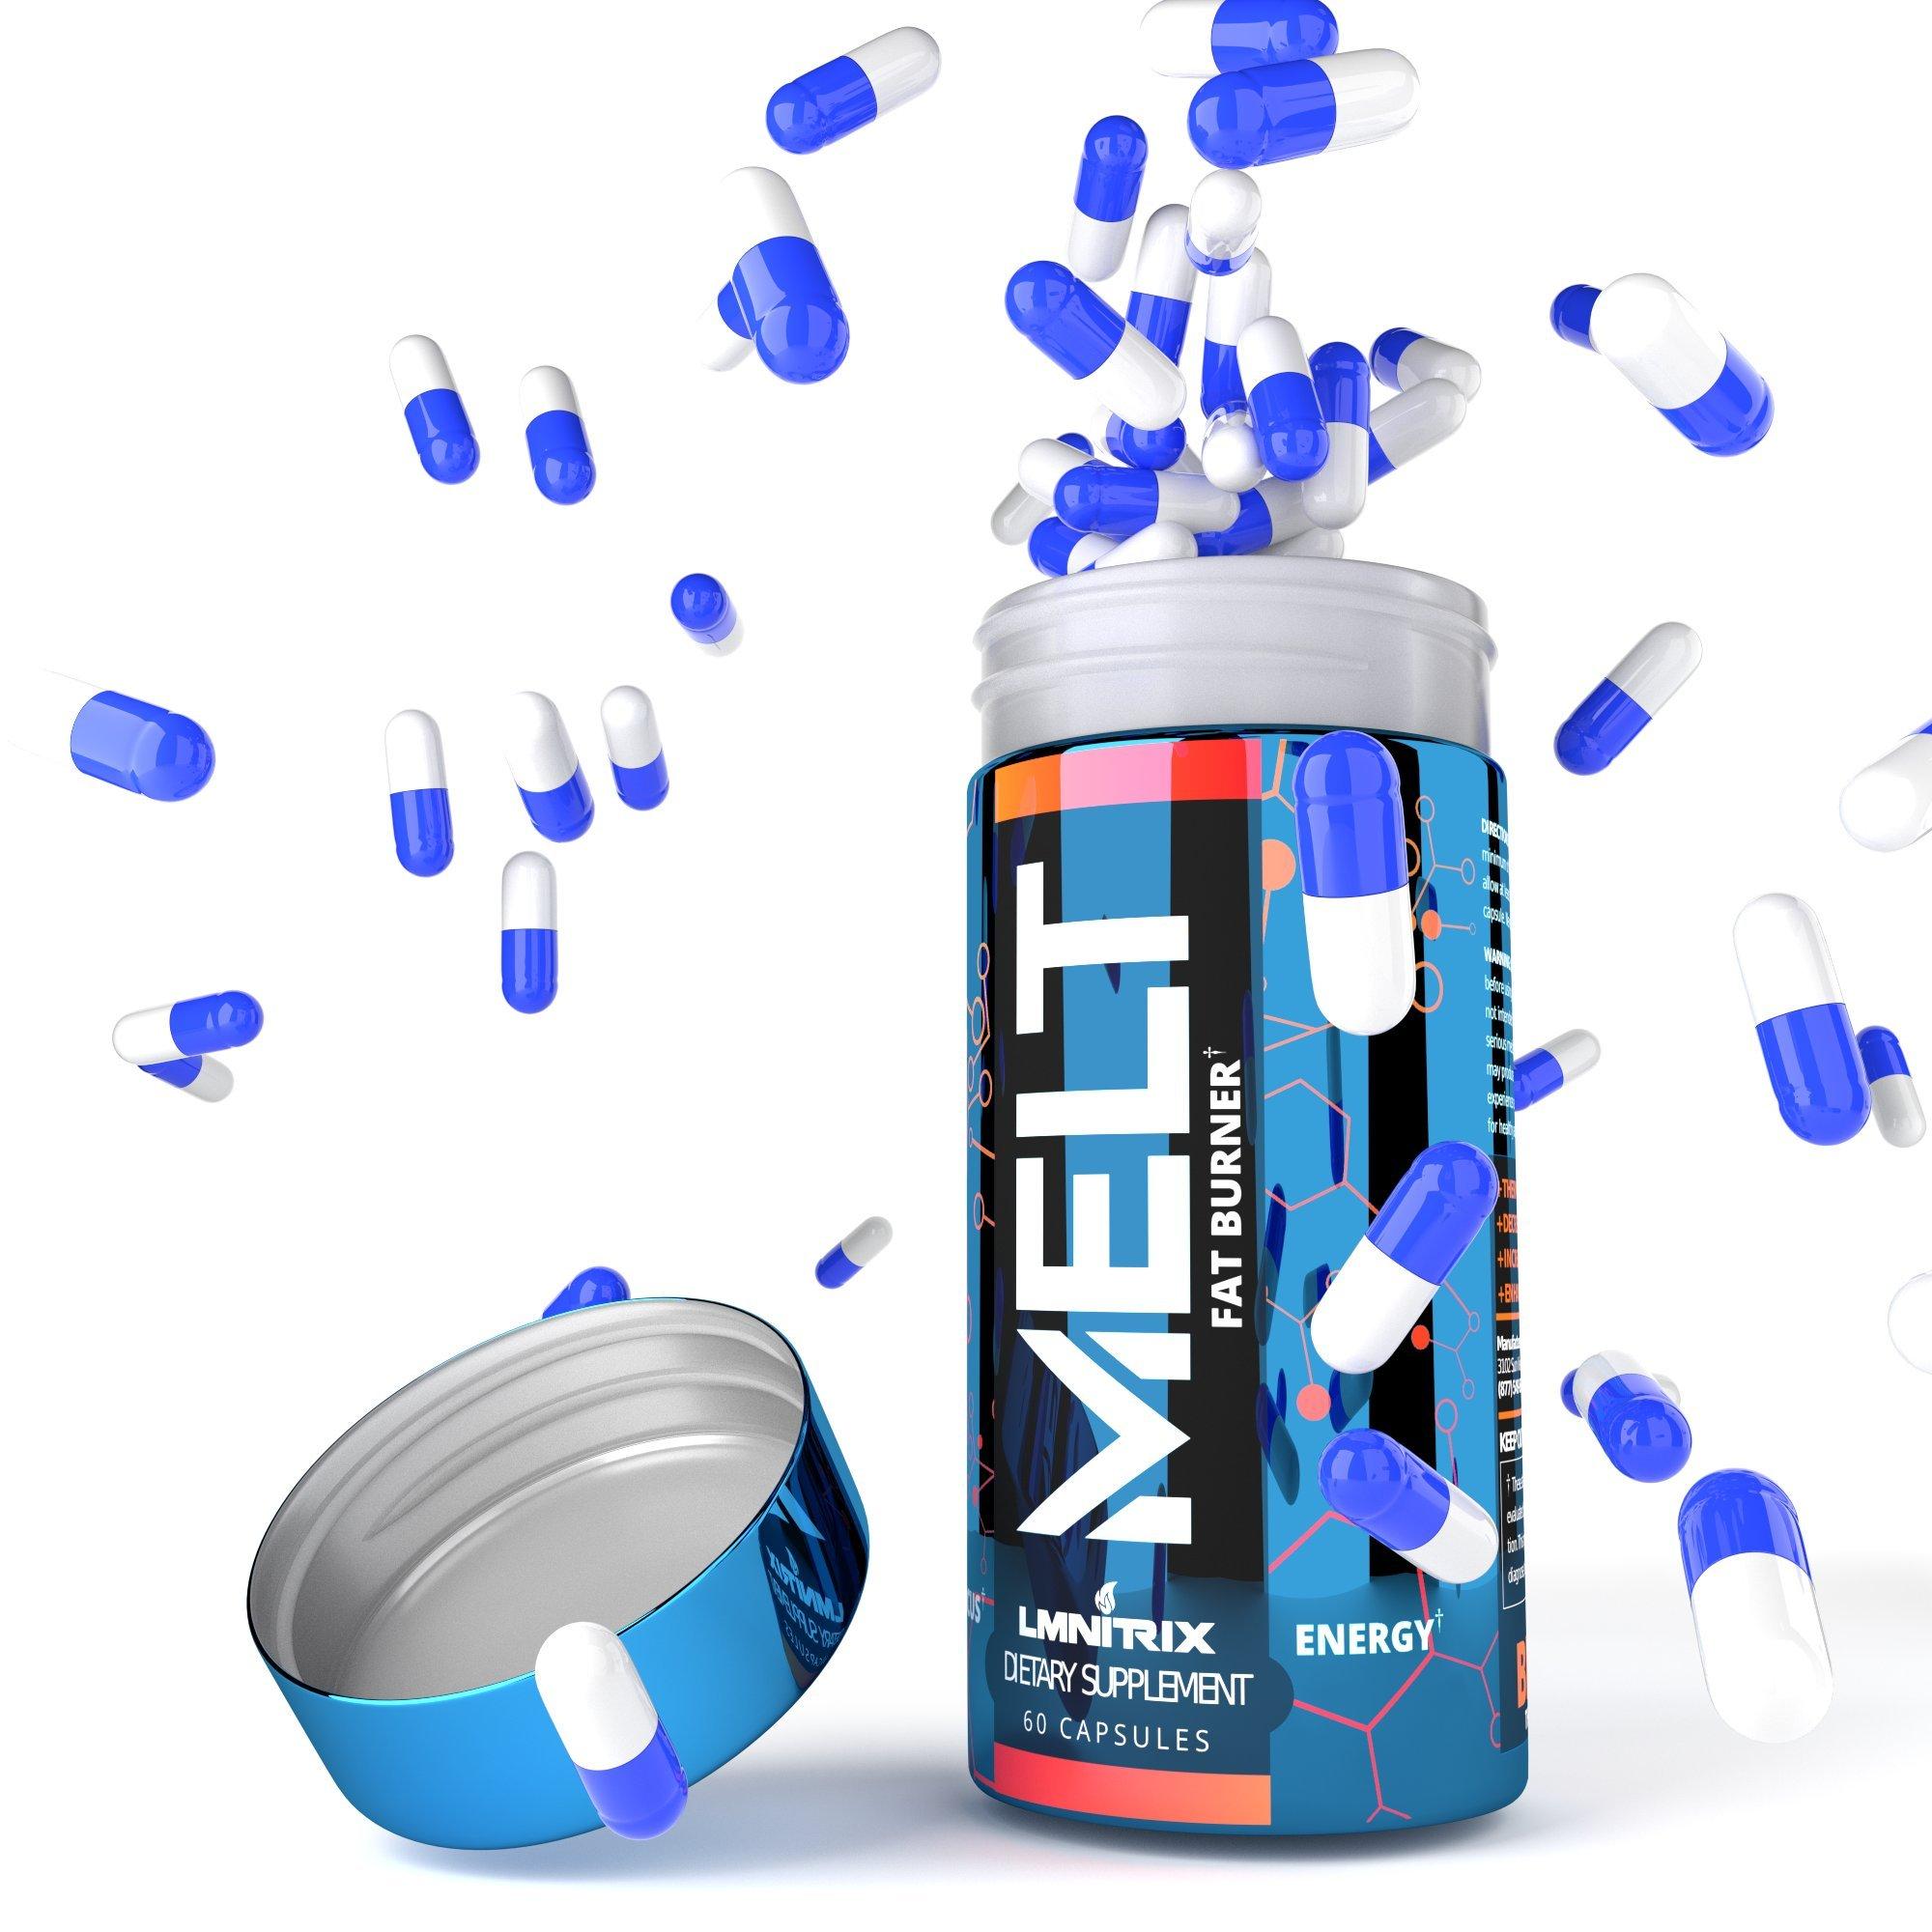 Buy Melt Now!